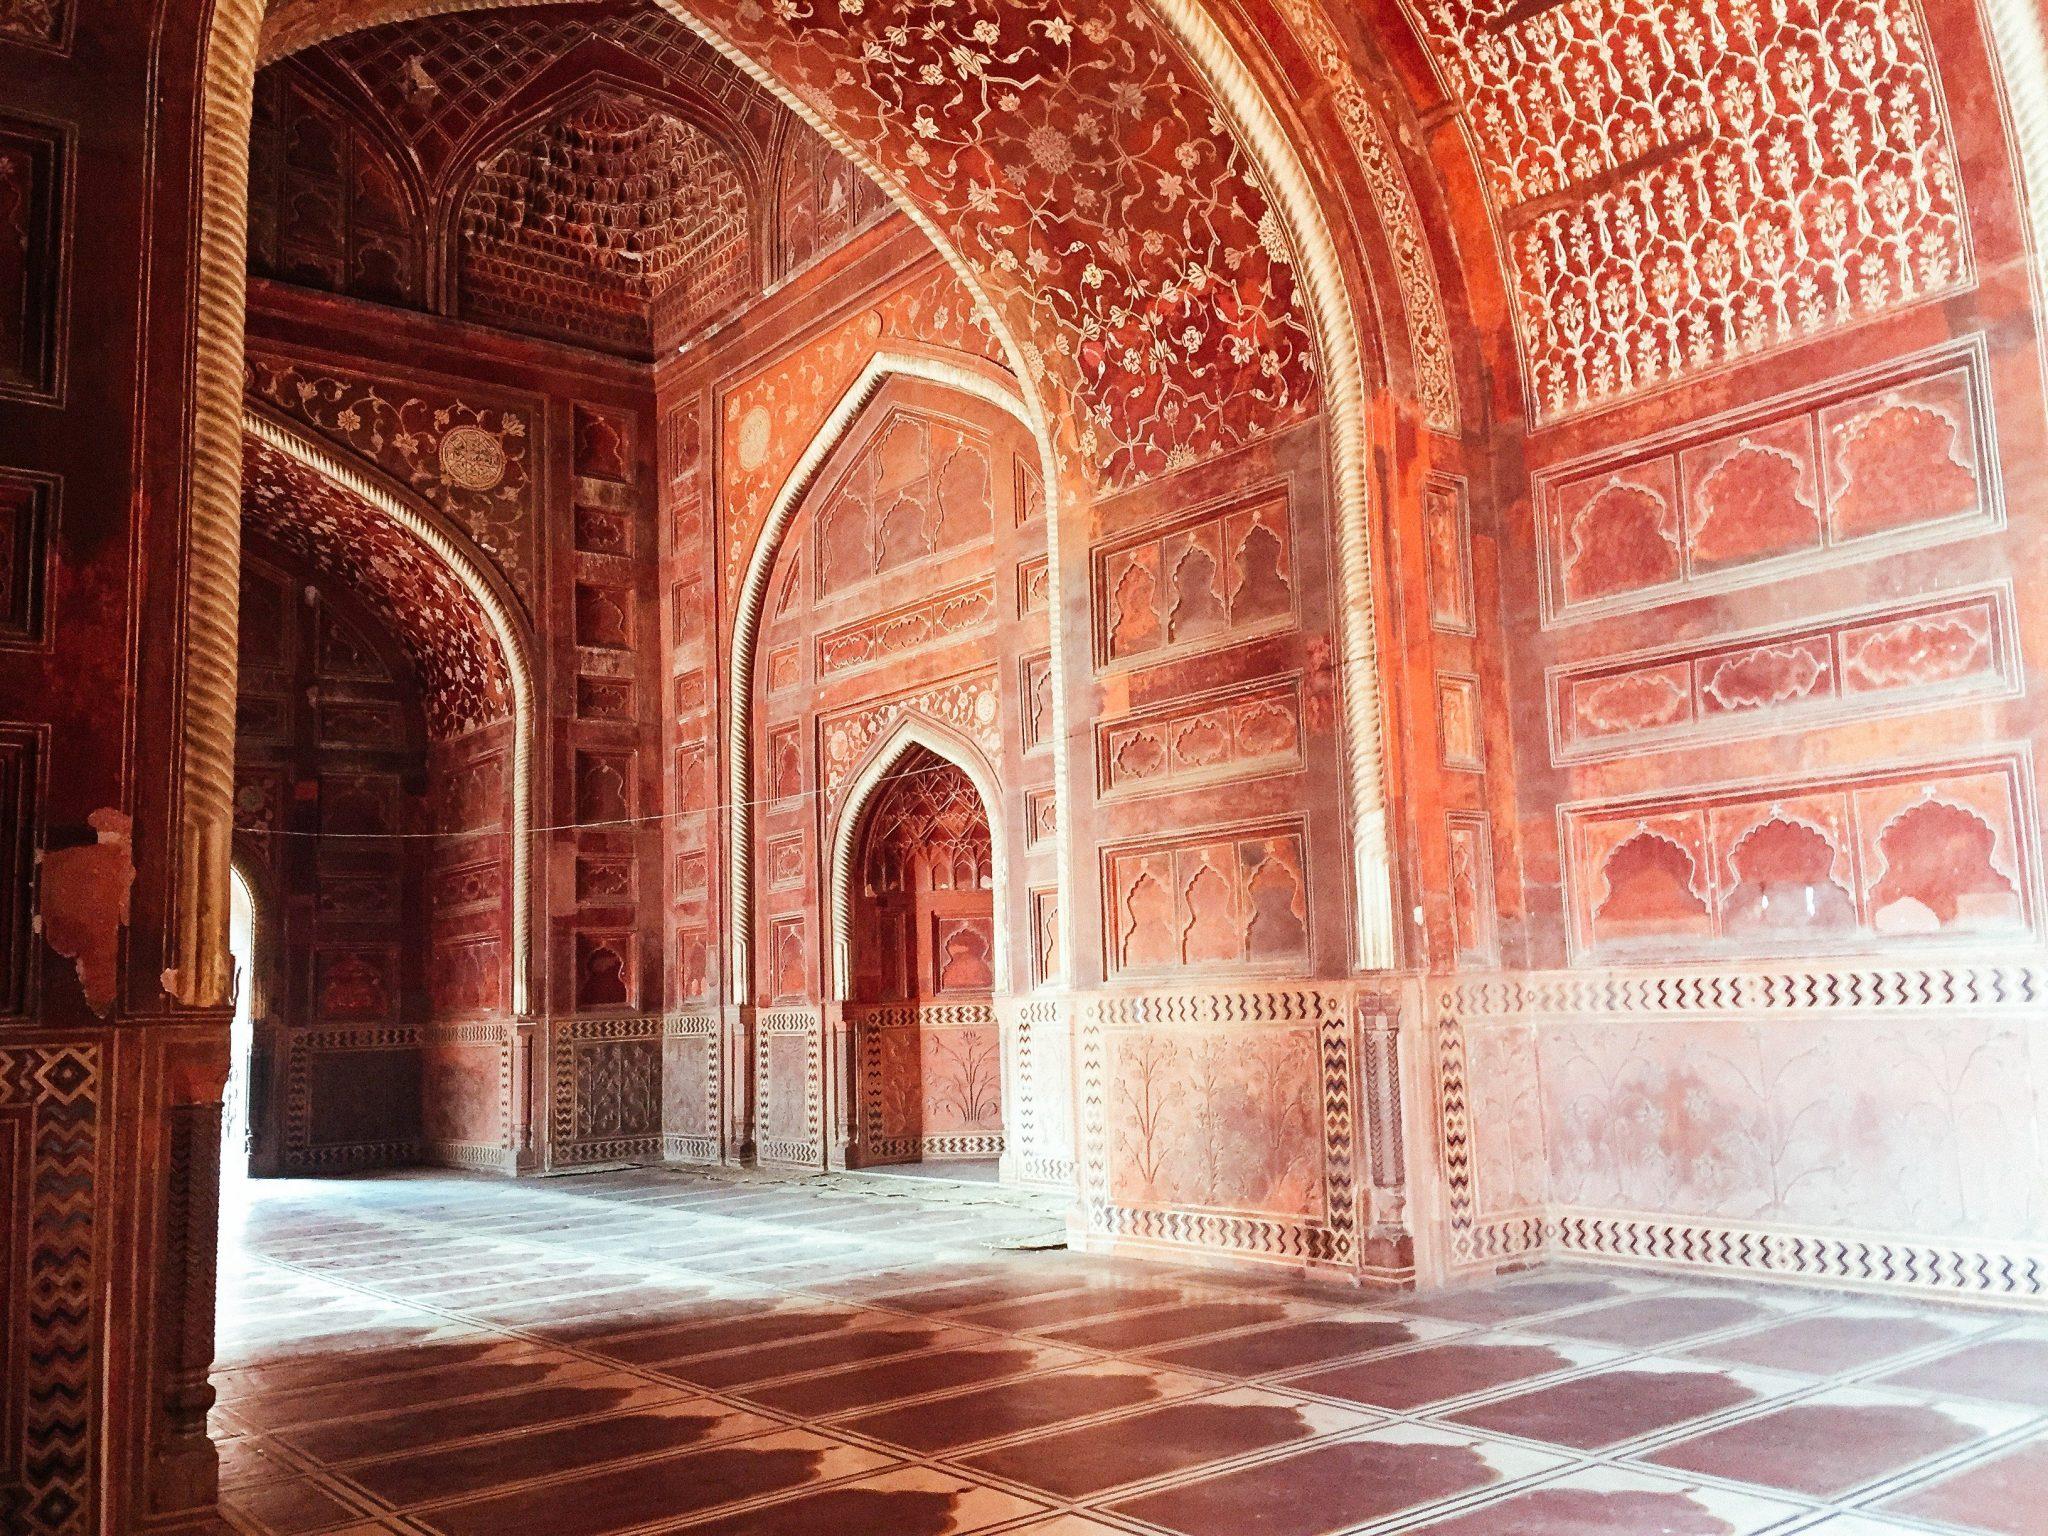 Jawab Madjid Moques, Taj Mahal, Agra Trip | India Itinerary